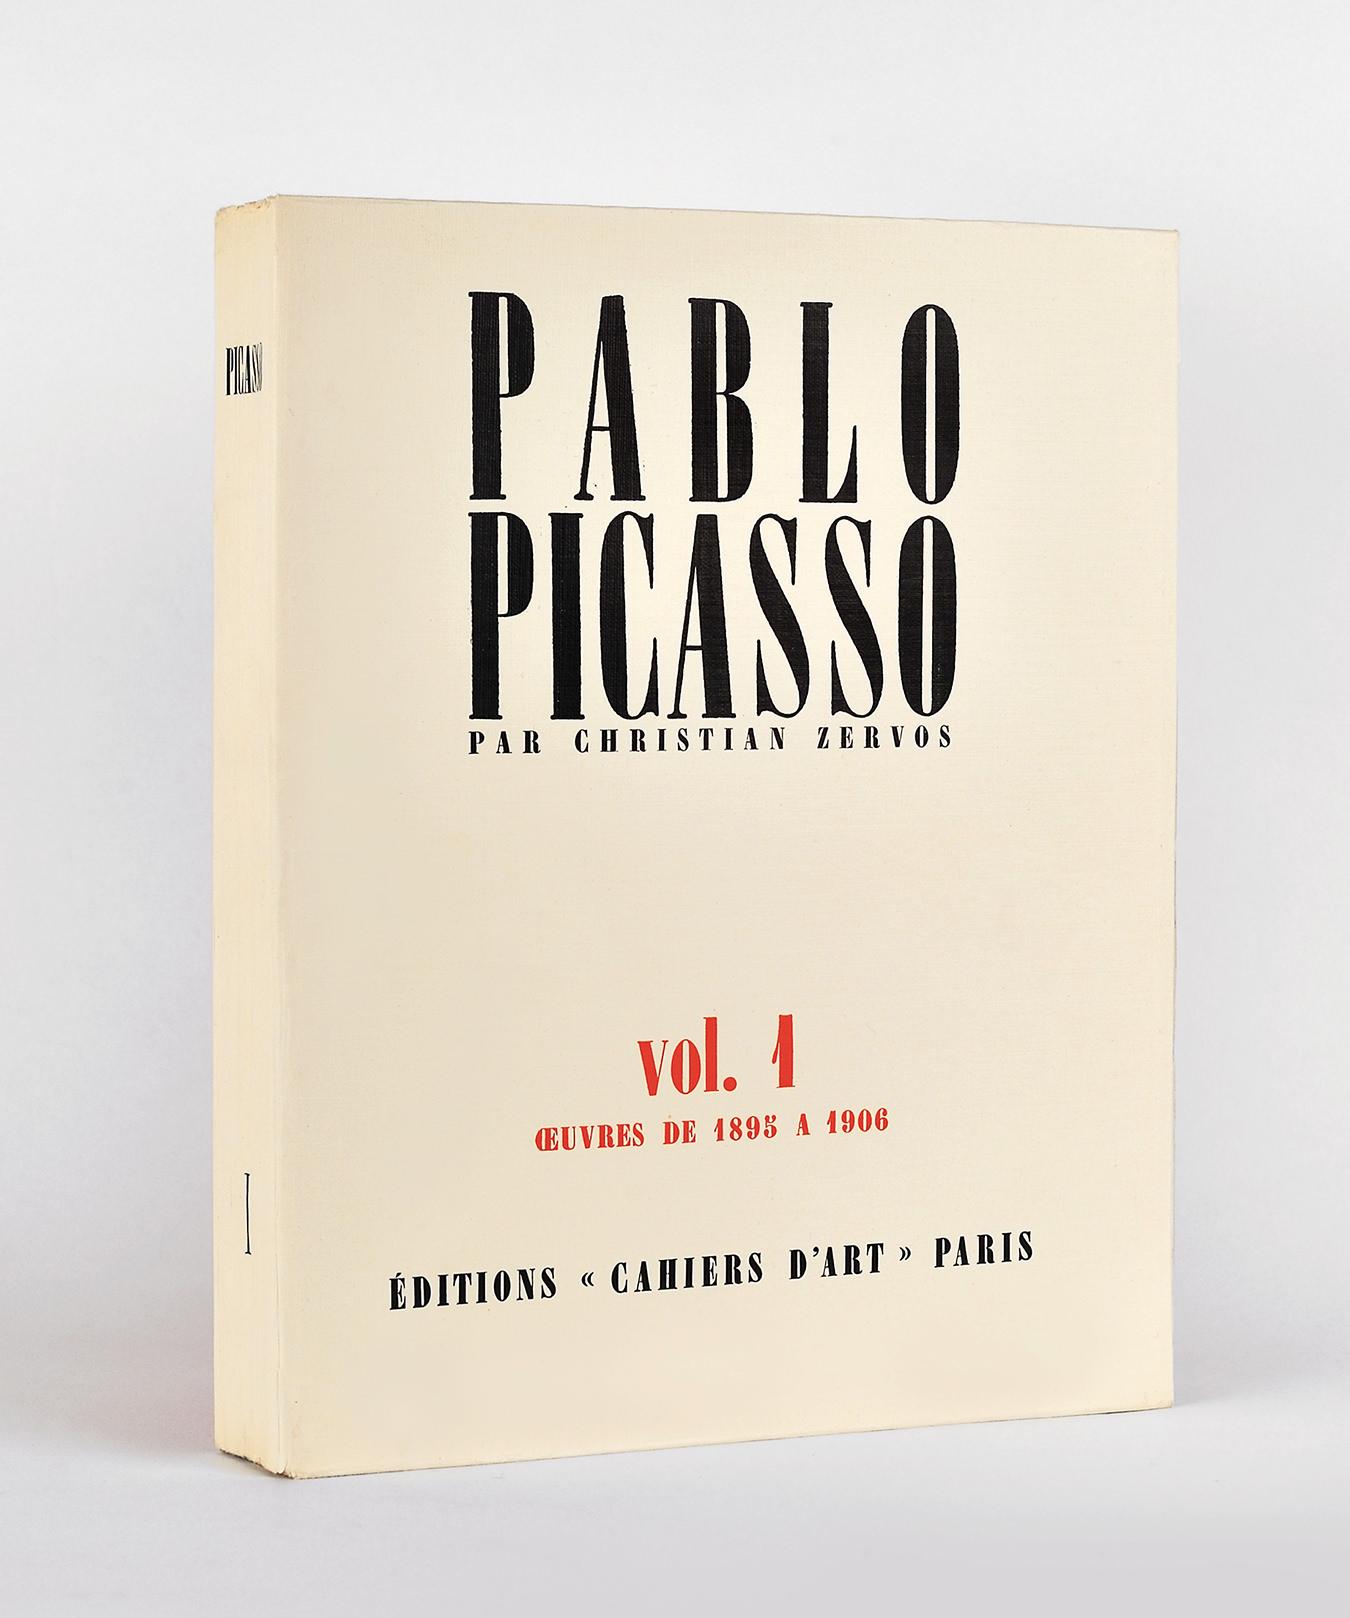 NUVO Magazine: Go-To Picasso Catalogue